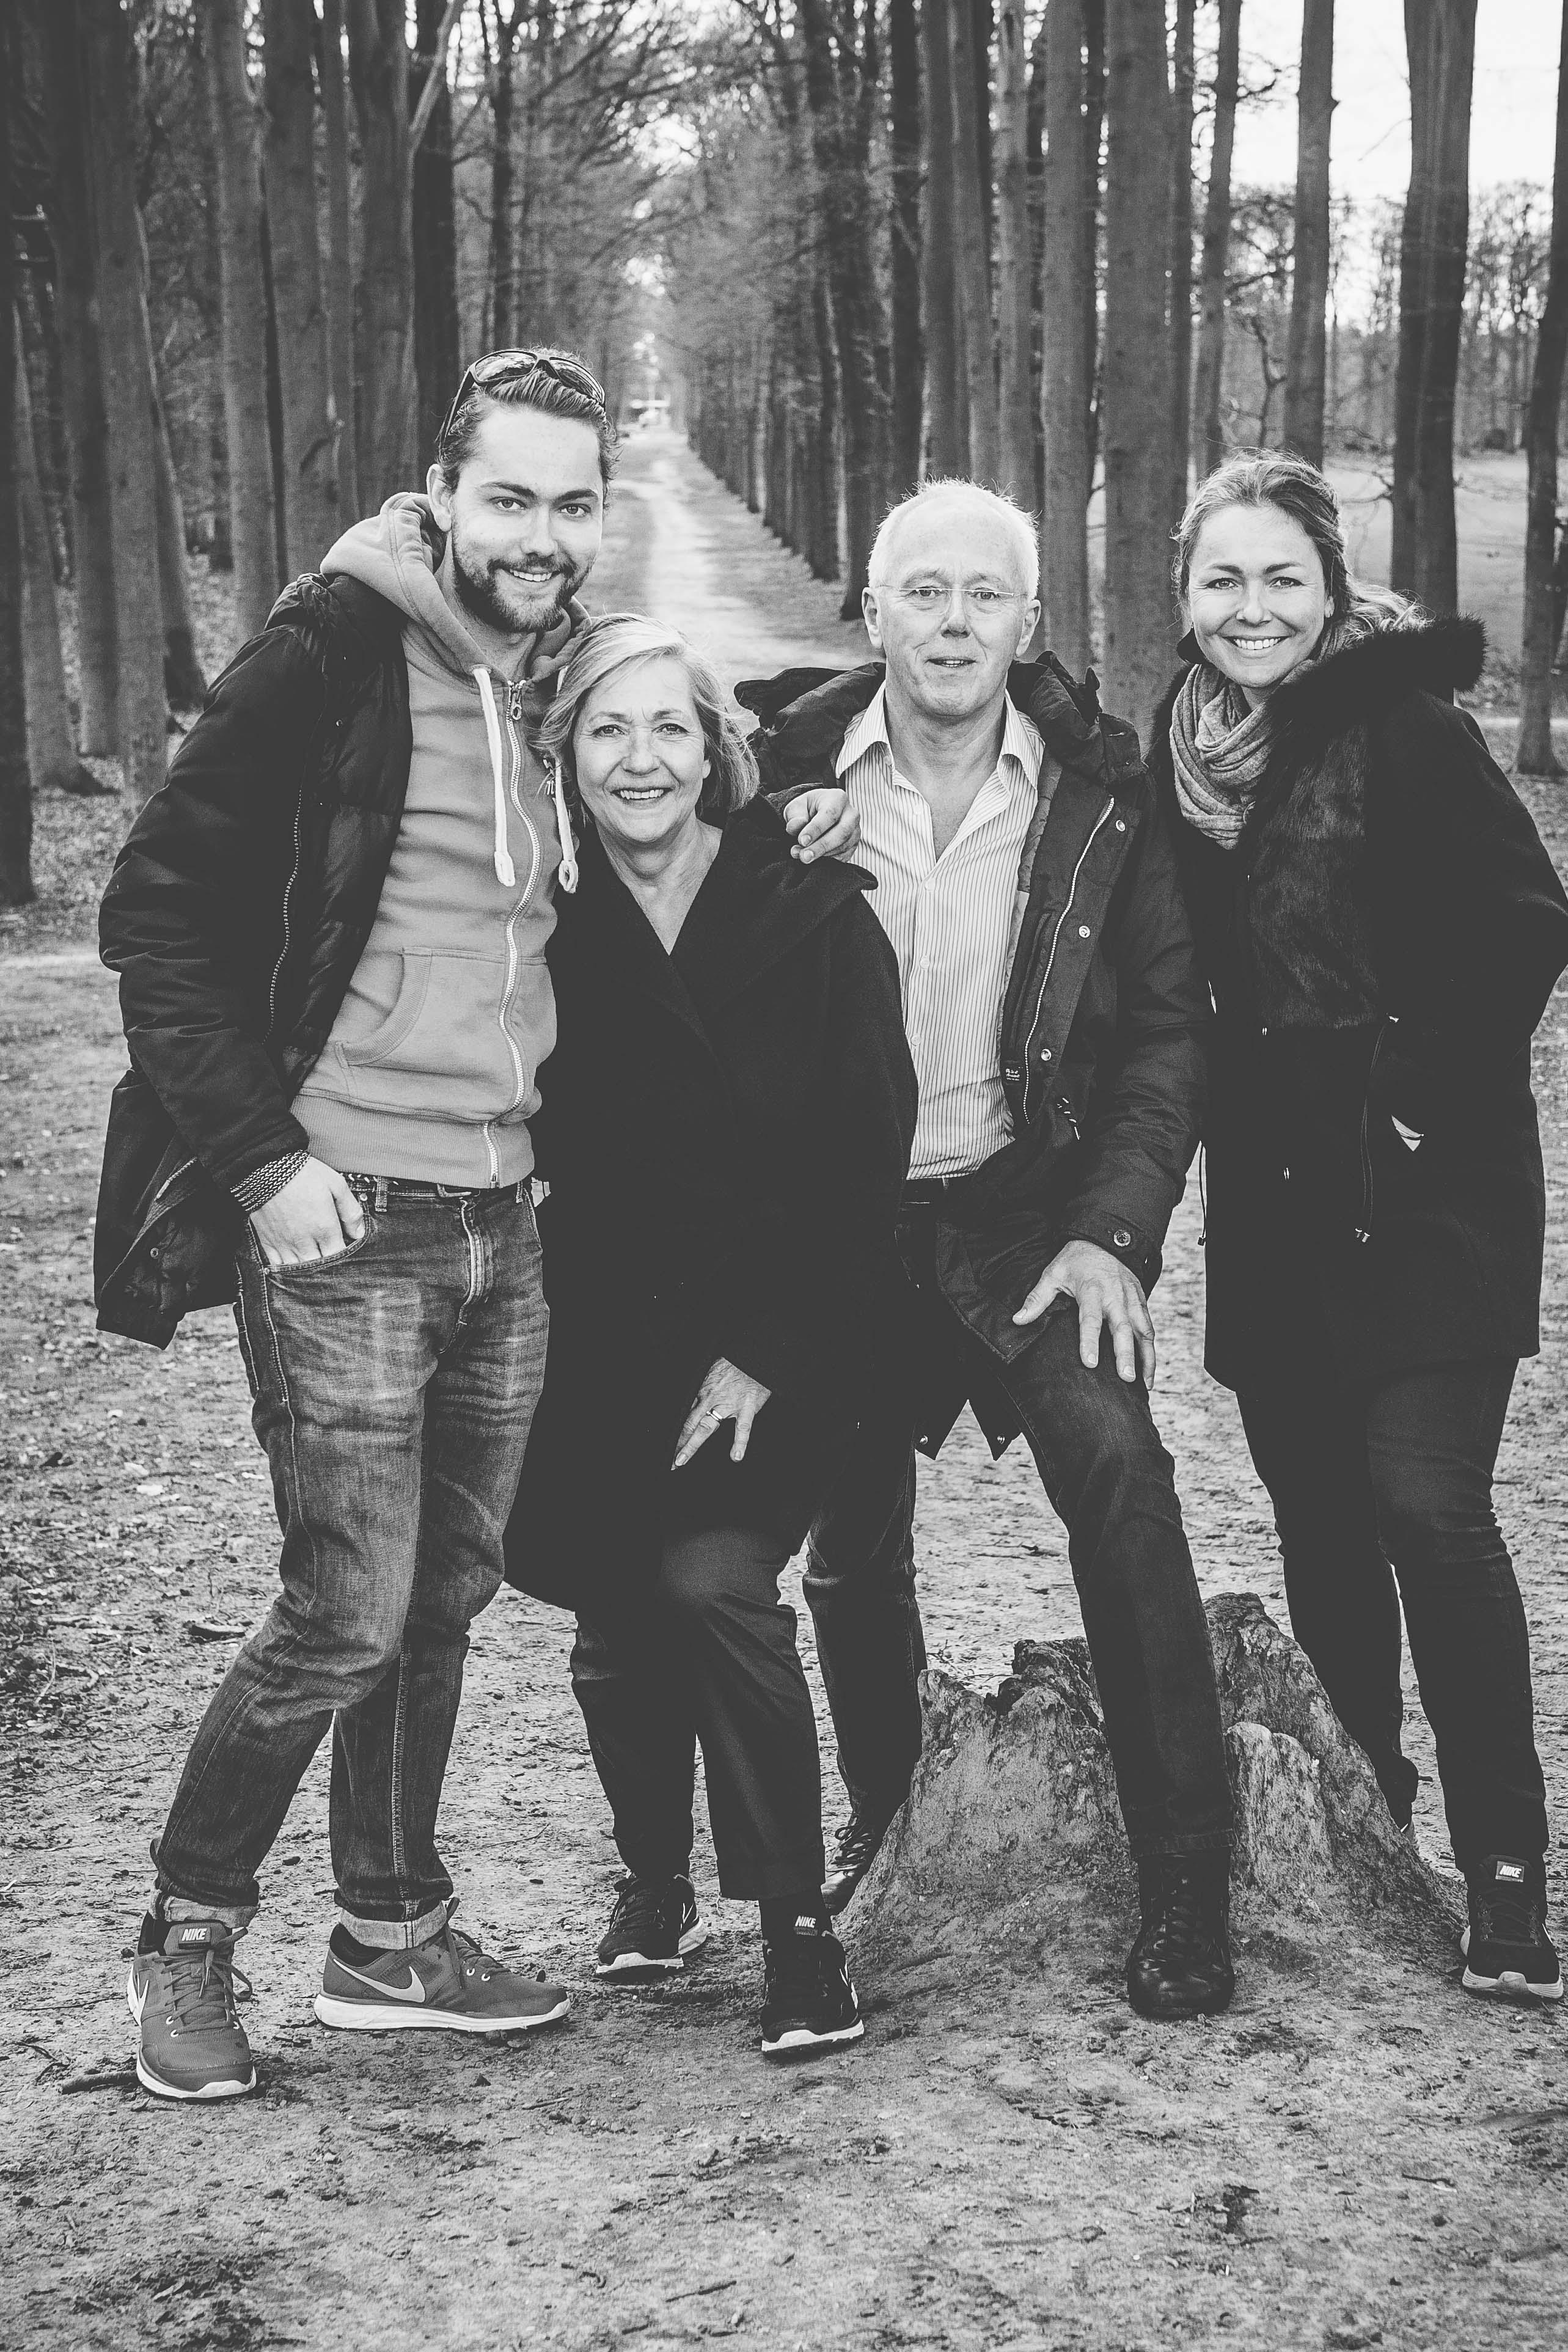 Marian | Jan | Janneke | Joost